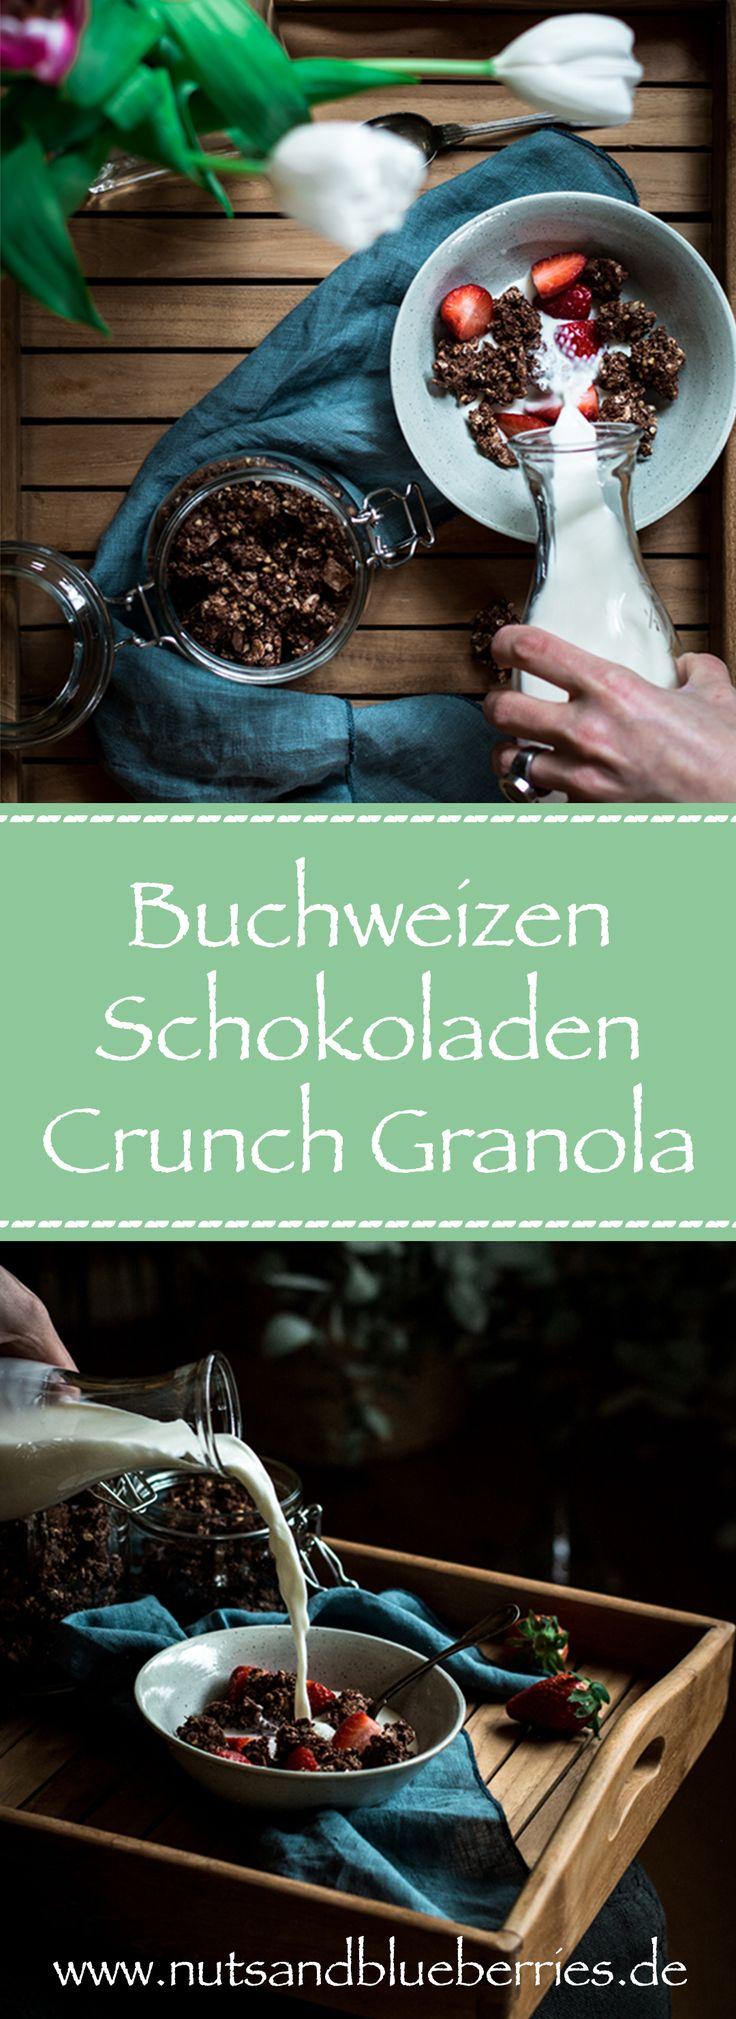 BUCHWEIZEN SCHOKOLADEN CRUNCH GRANOLA  .  Granola selber machen. Zuckerfrei. Ges…